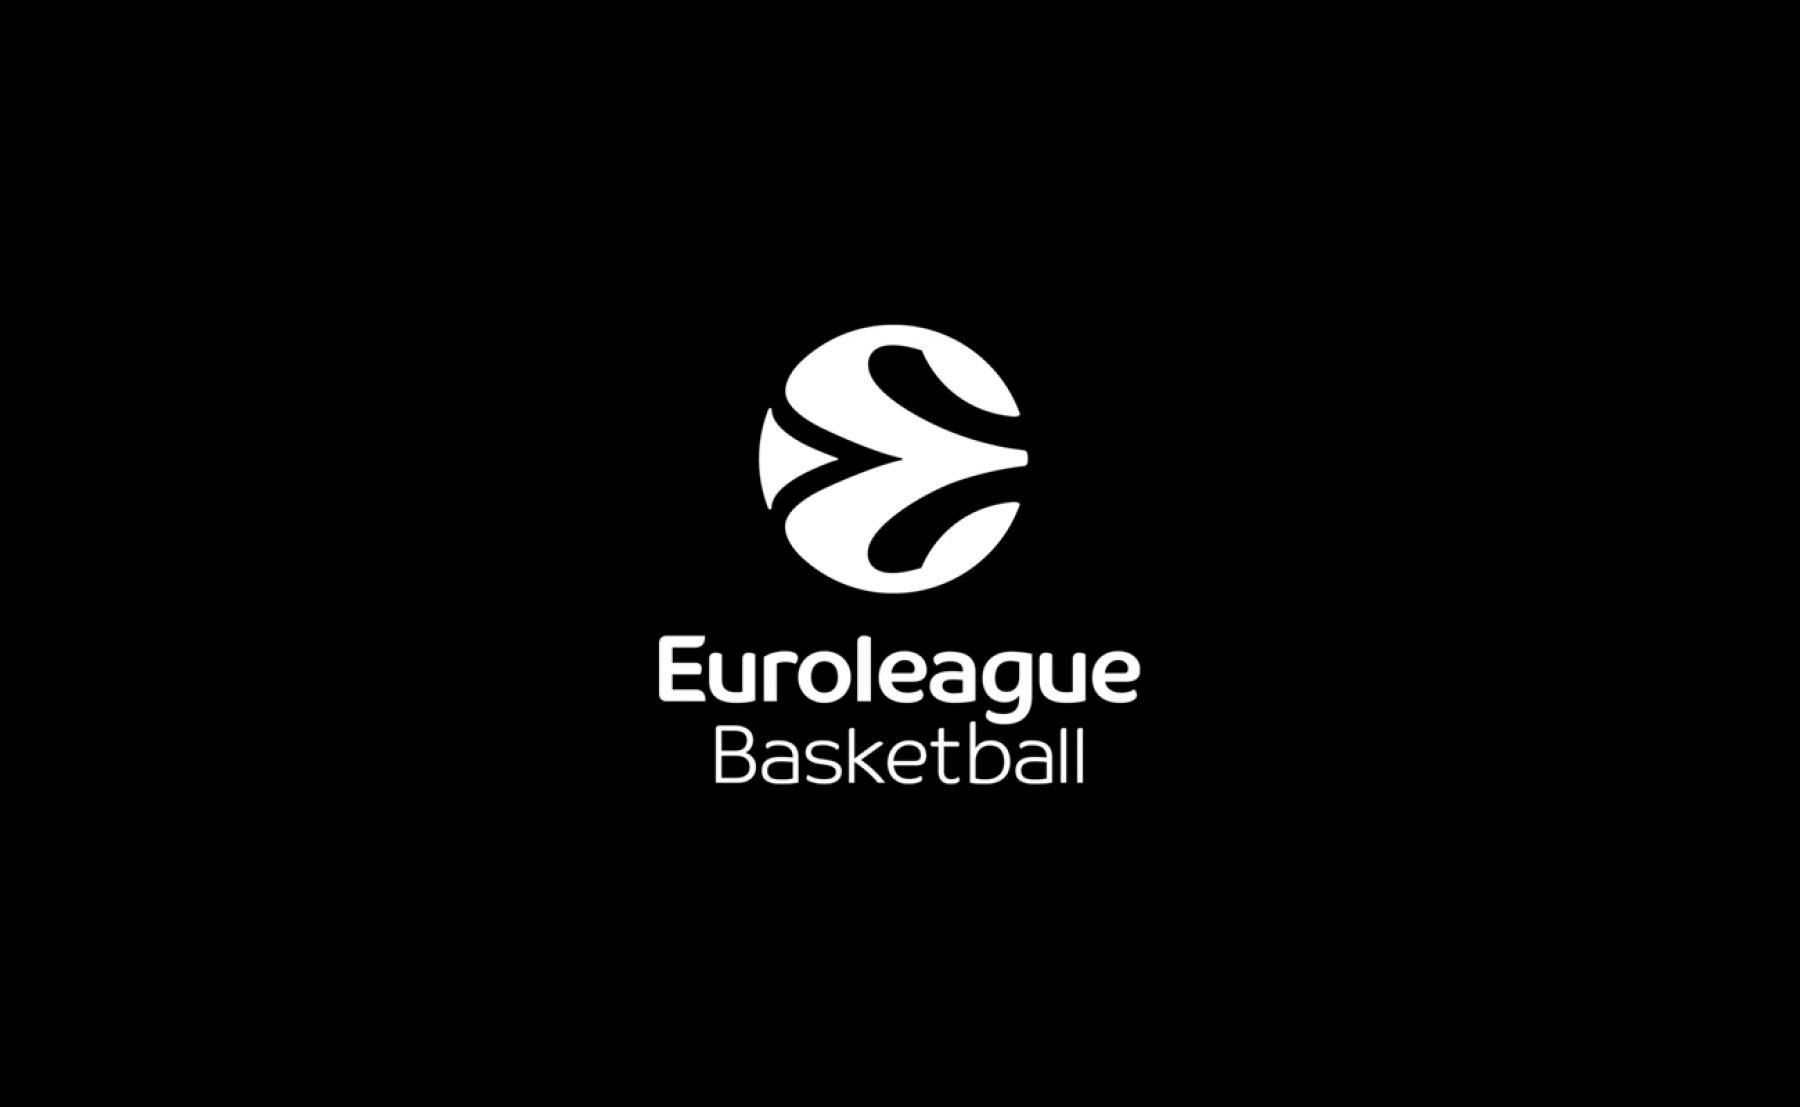 Cambios en las licencias de Euroliga, que pueden pasar de 11 a 13: sus intenciones a partir de junio